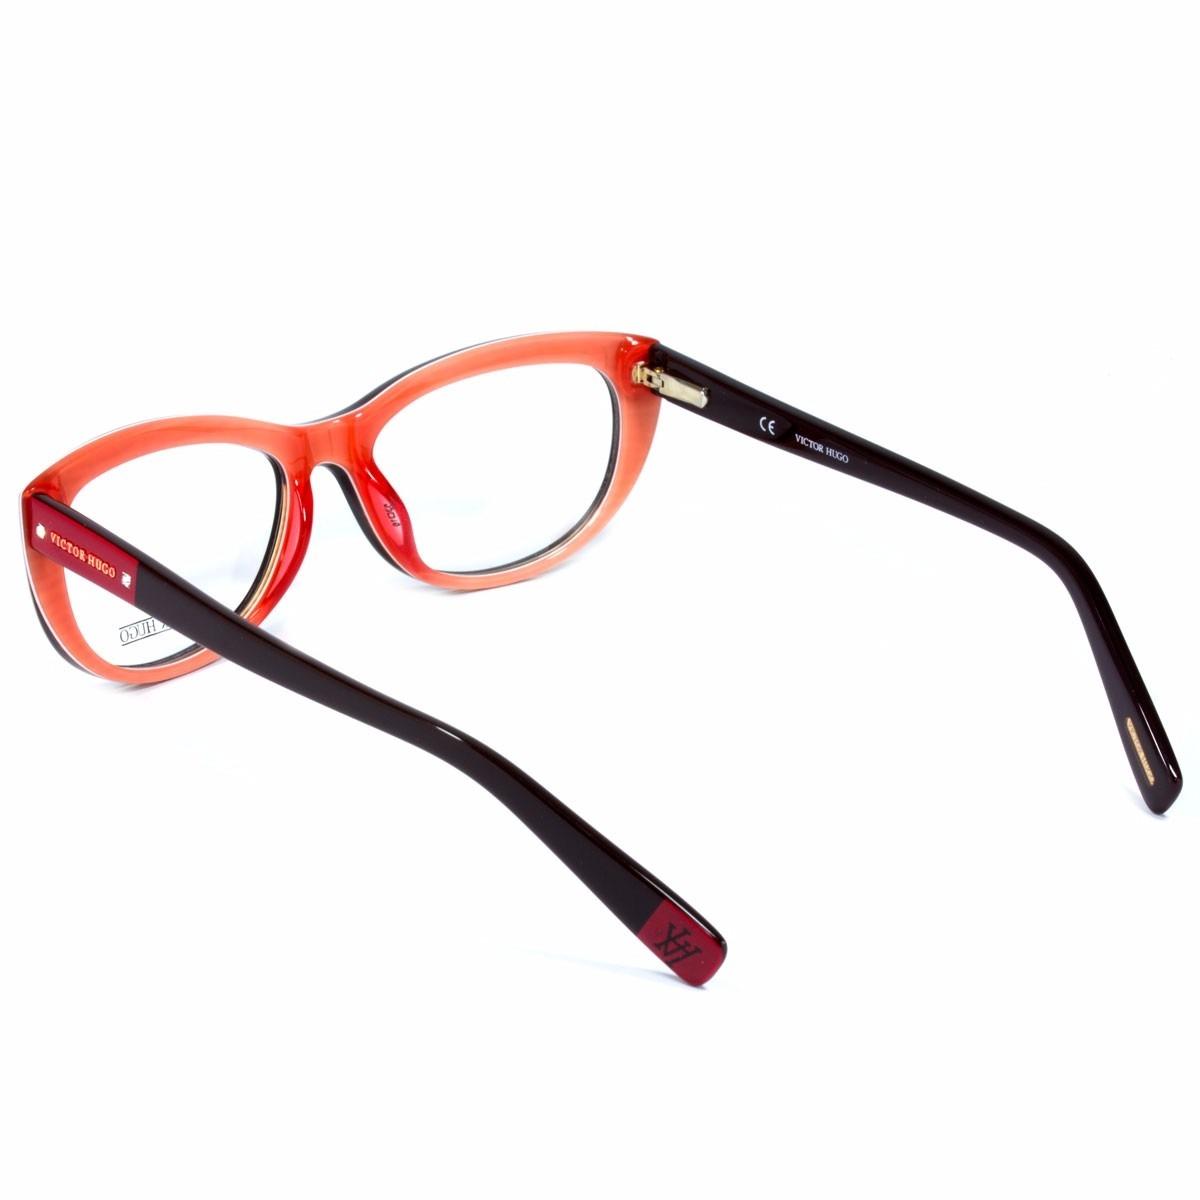 b35cb3e1efc2e Óculos De Grau Victor Hugo - Vh 1663s 0an2 53 L3 - R  627